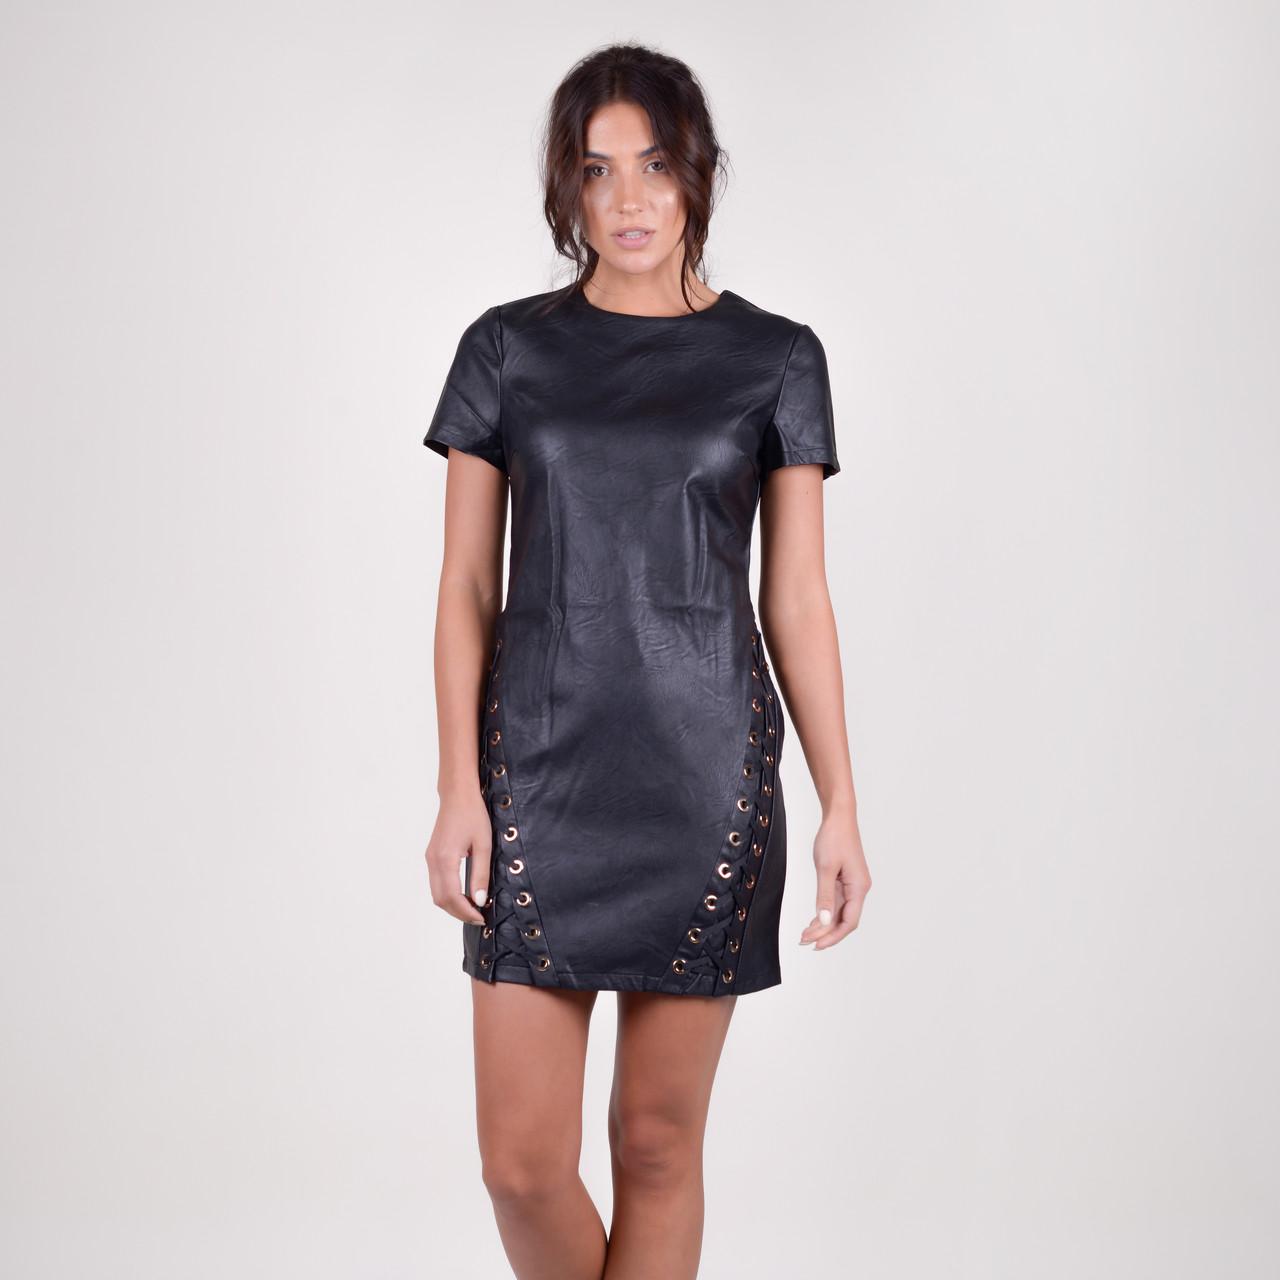 Короткое приталенное кожанное платье в черном цвете в 4 размерах S, M, L, XL